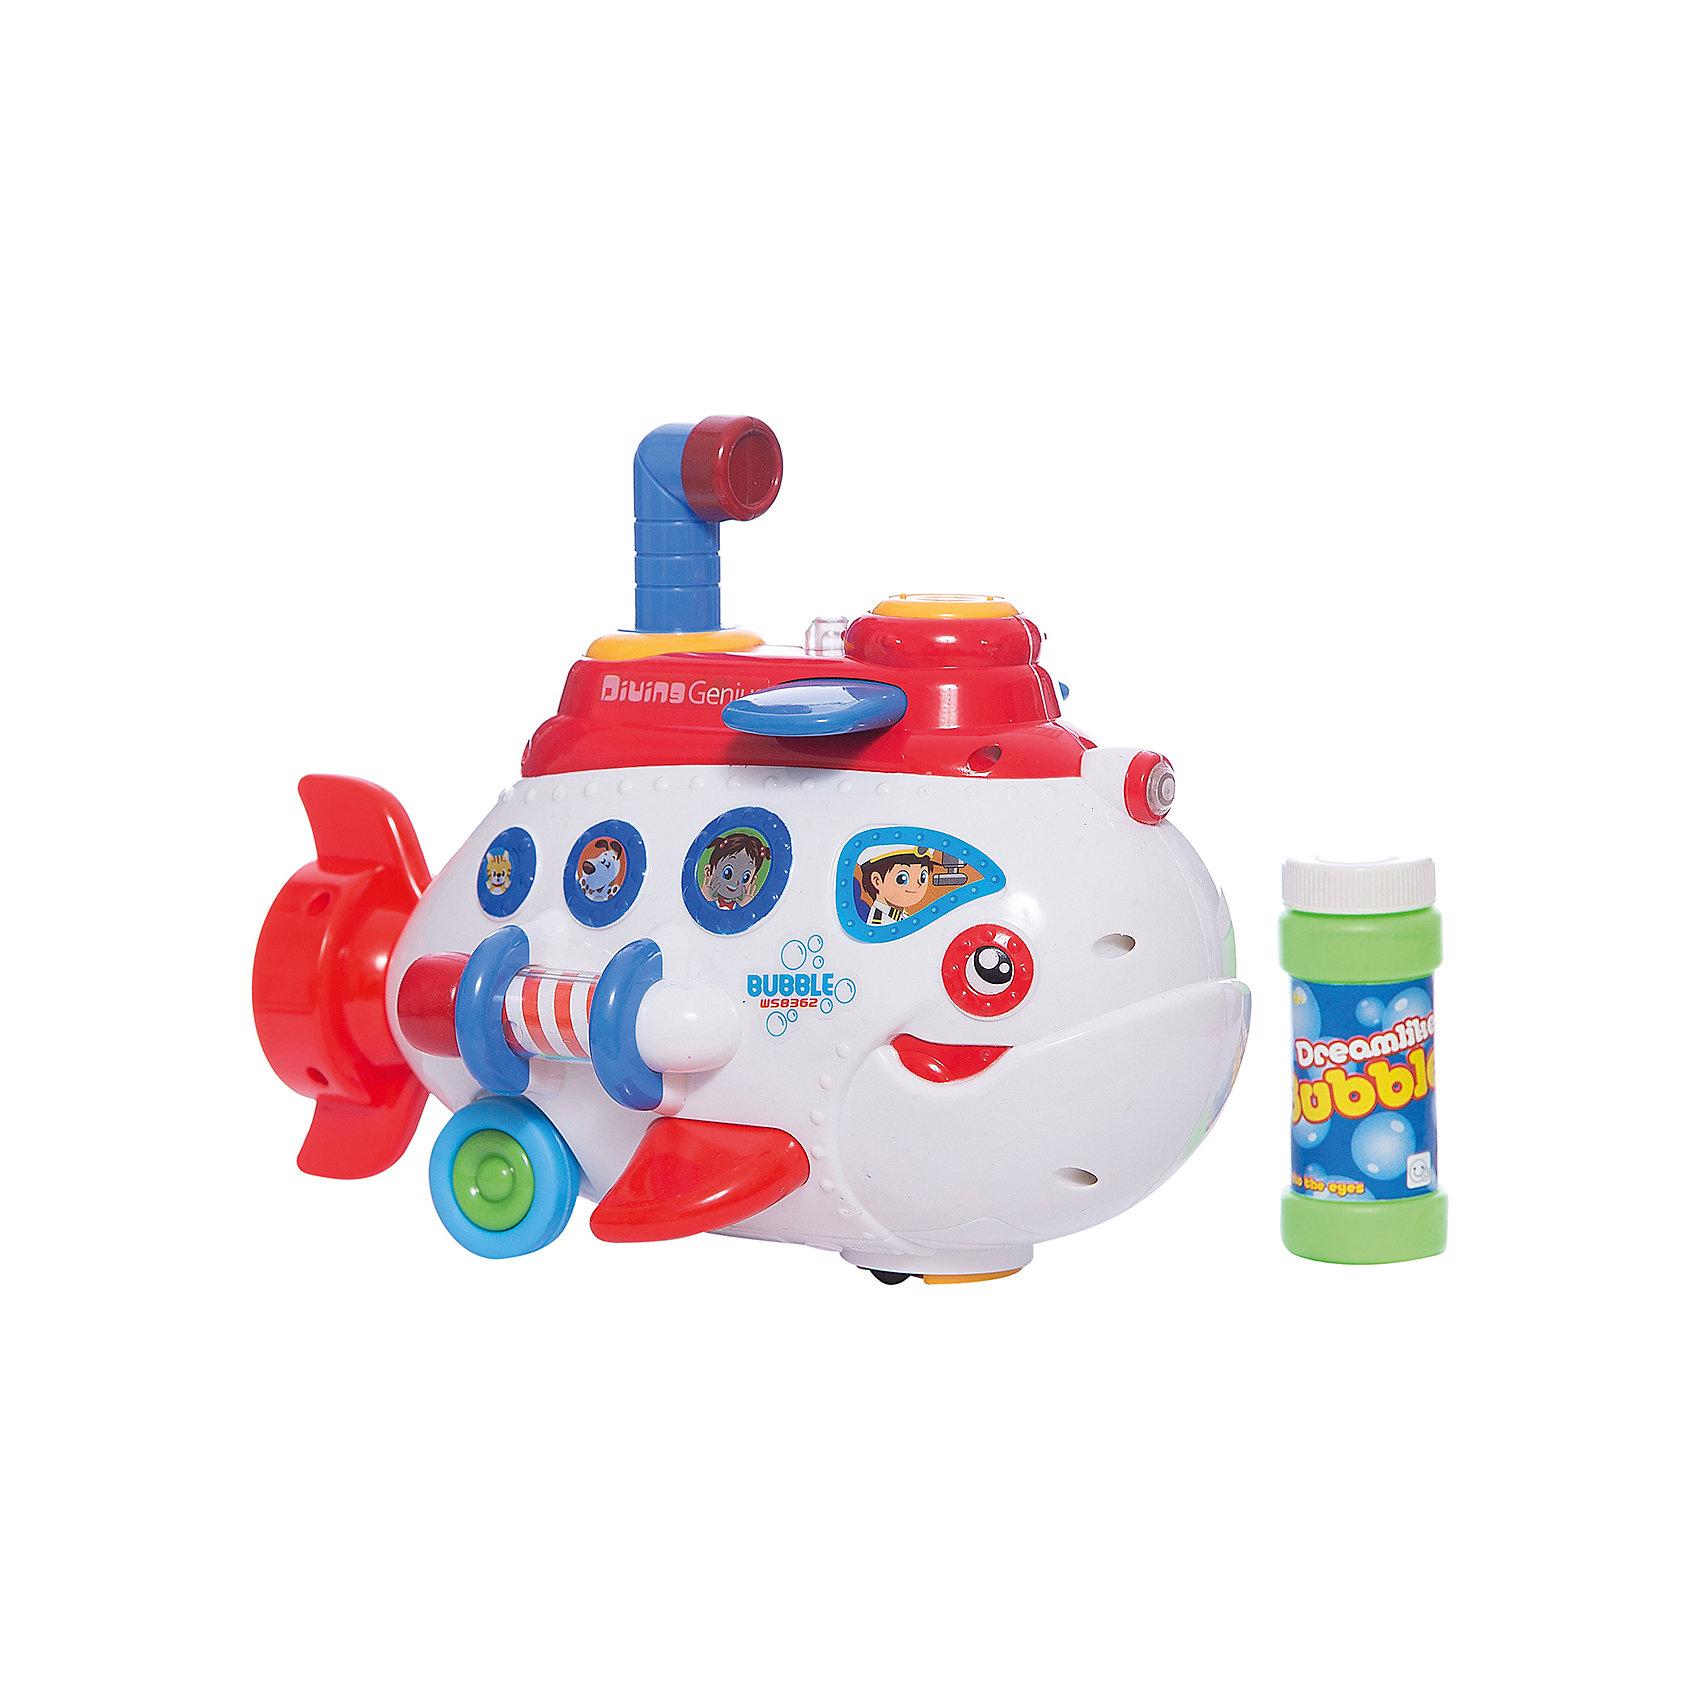 Детская игрушка, пускающая мыльные пузыри